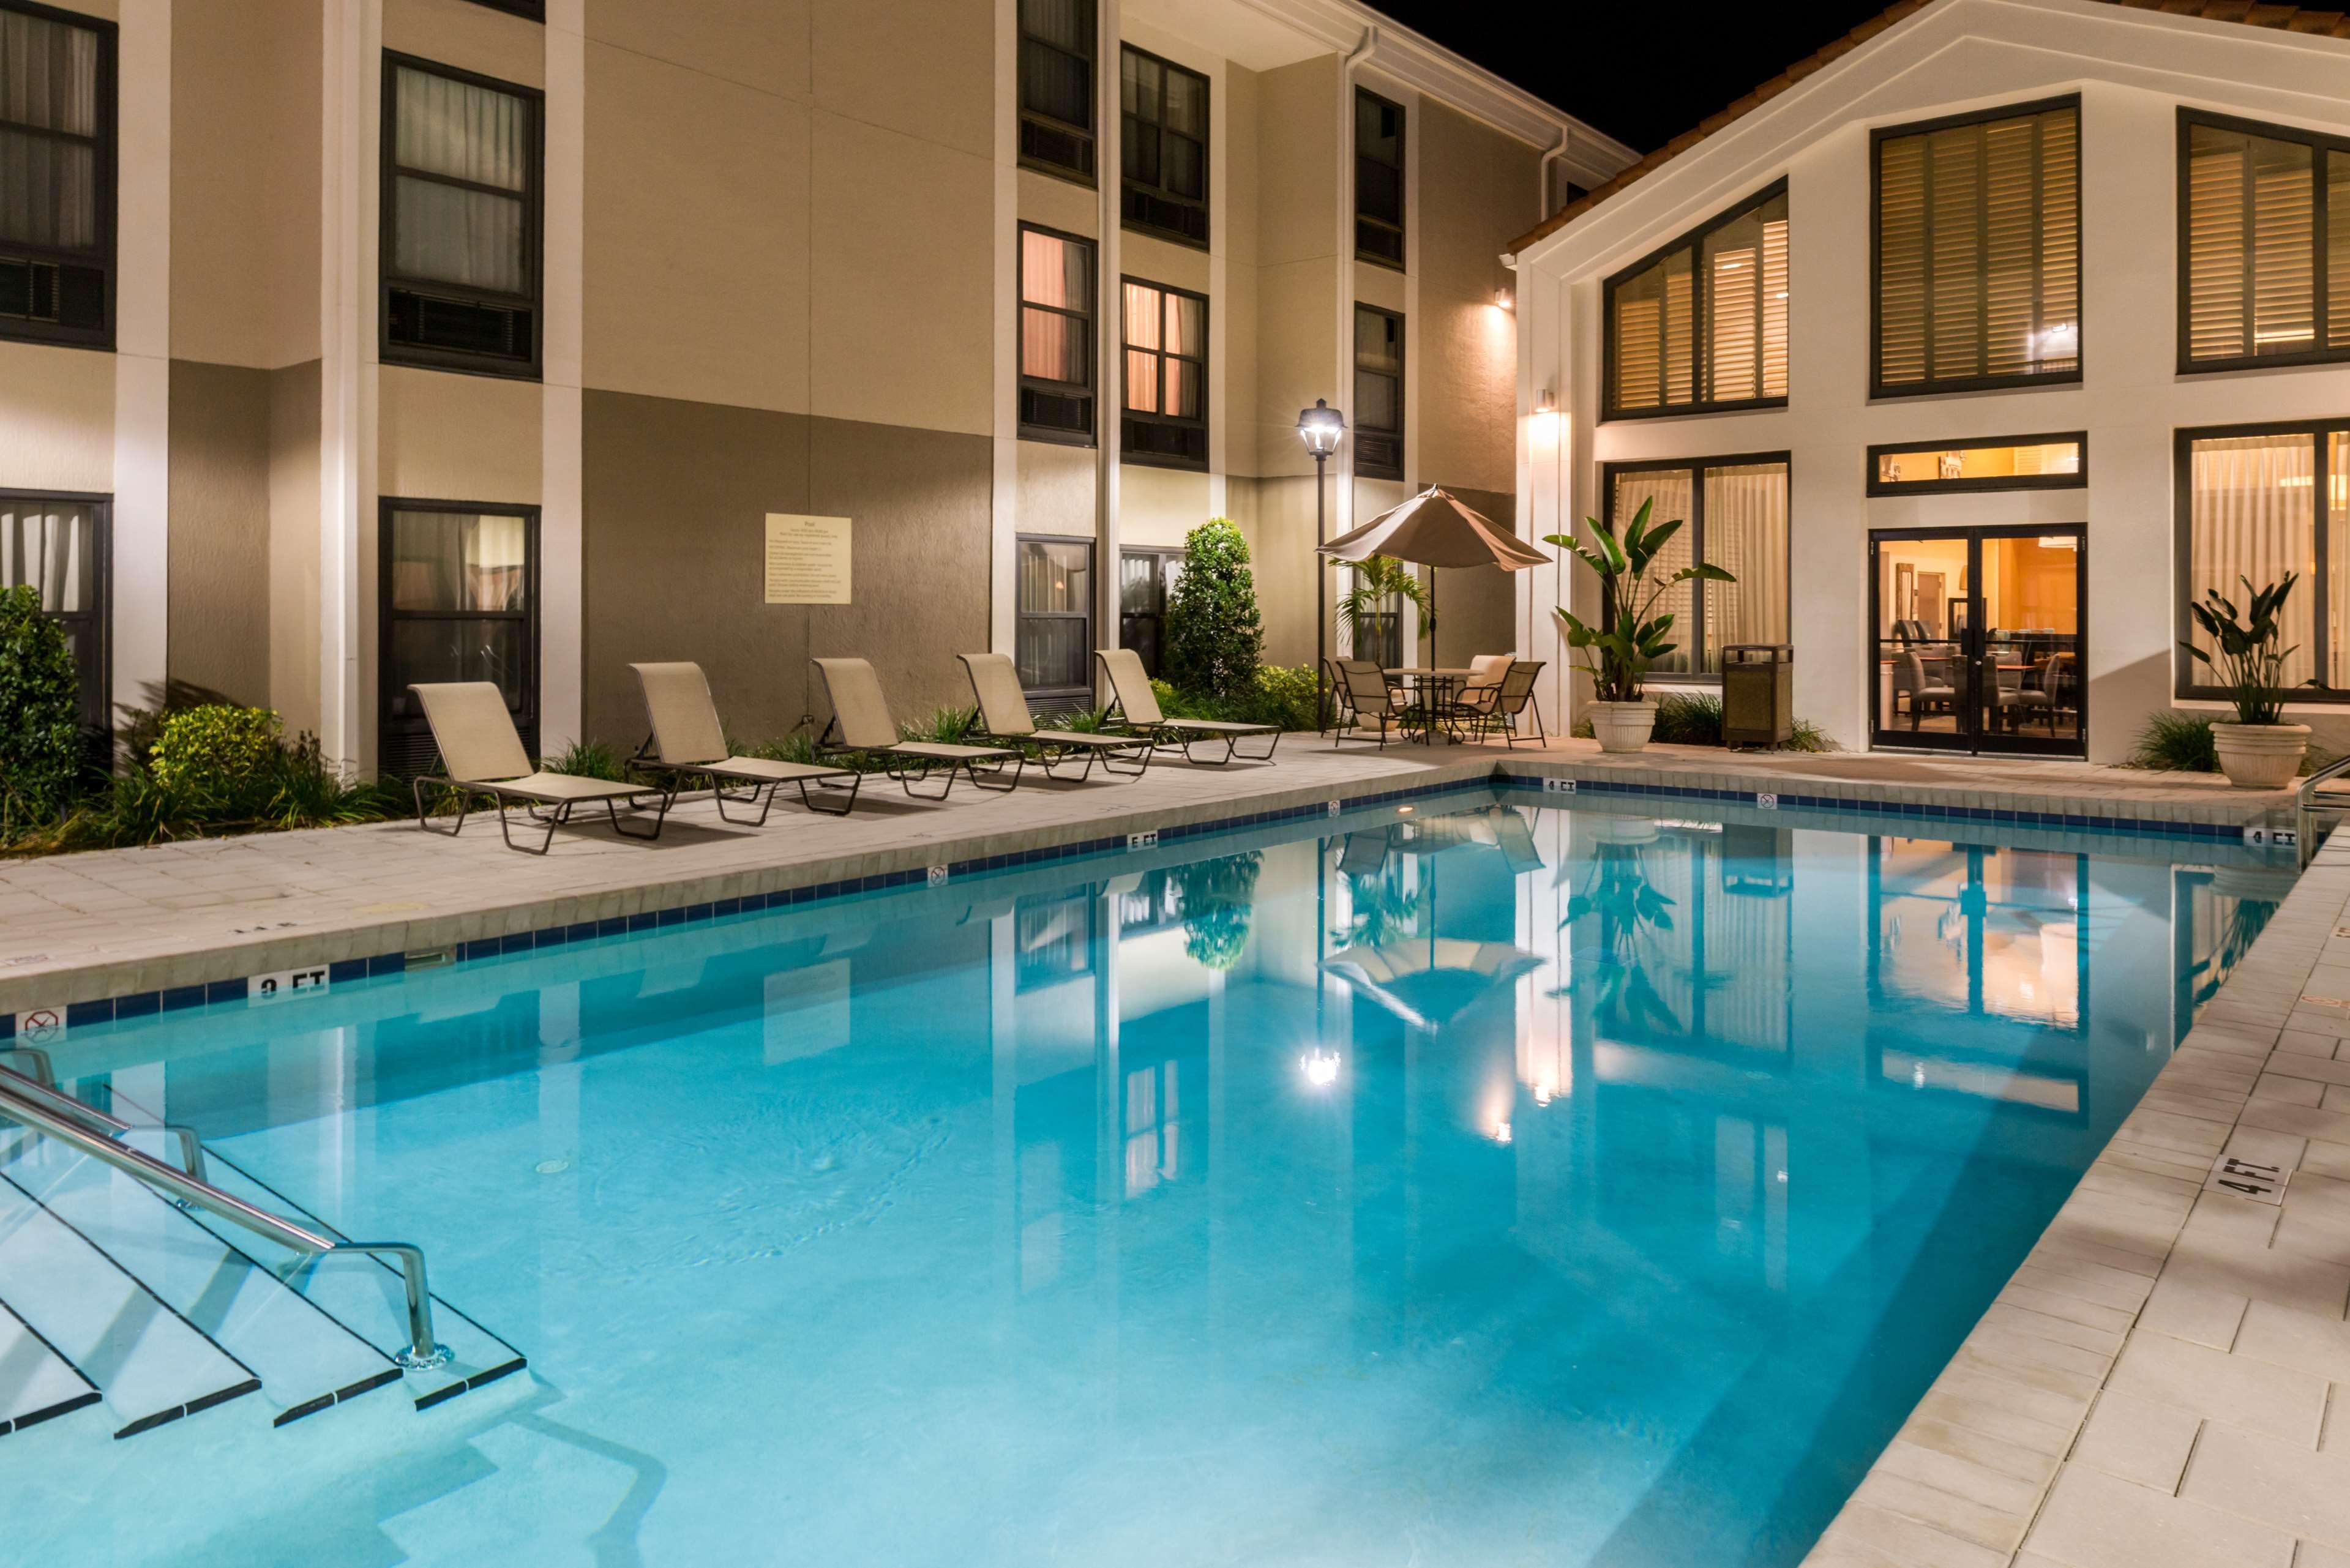 Hampton Inn & Suites Orlando/East UCF Area image 5